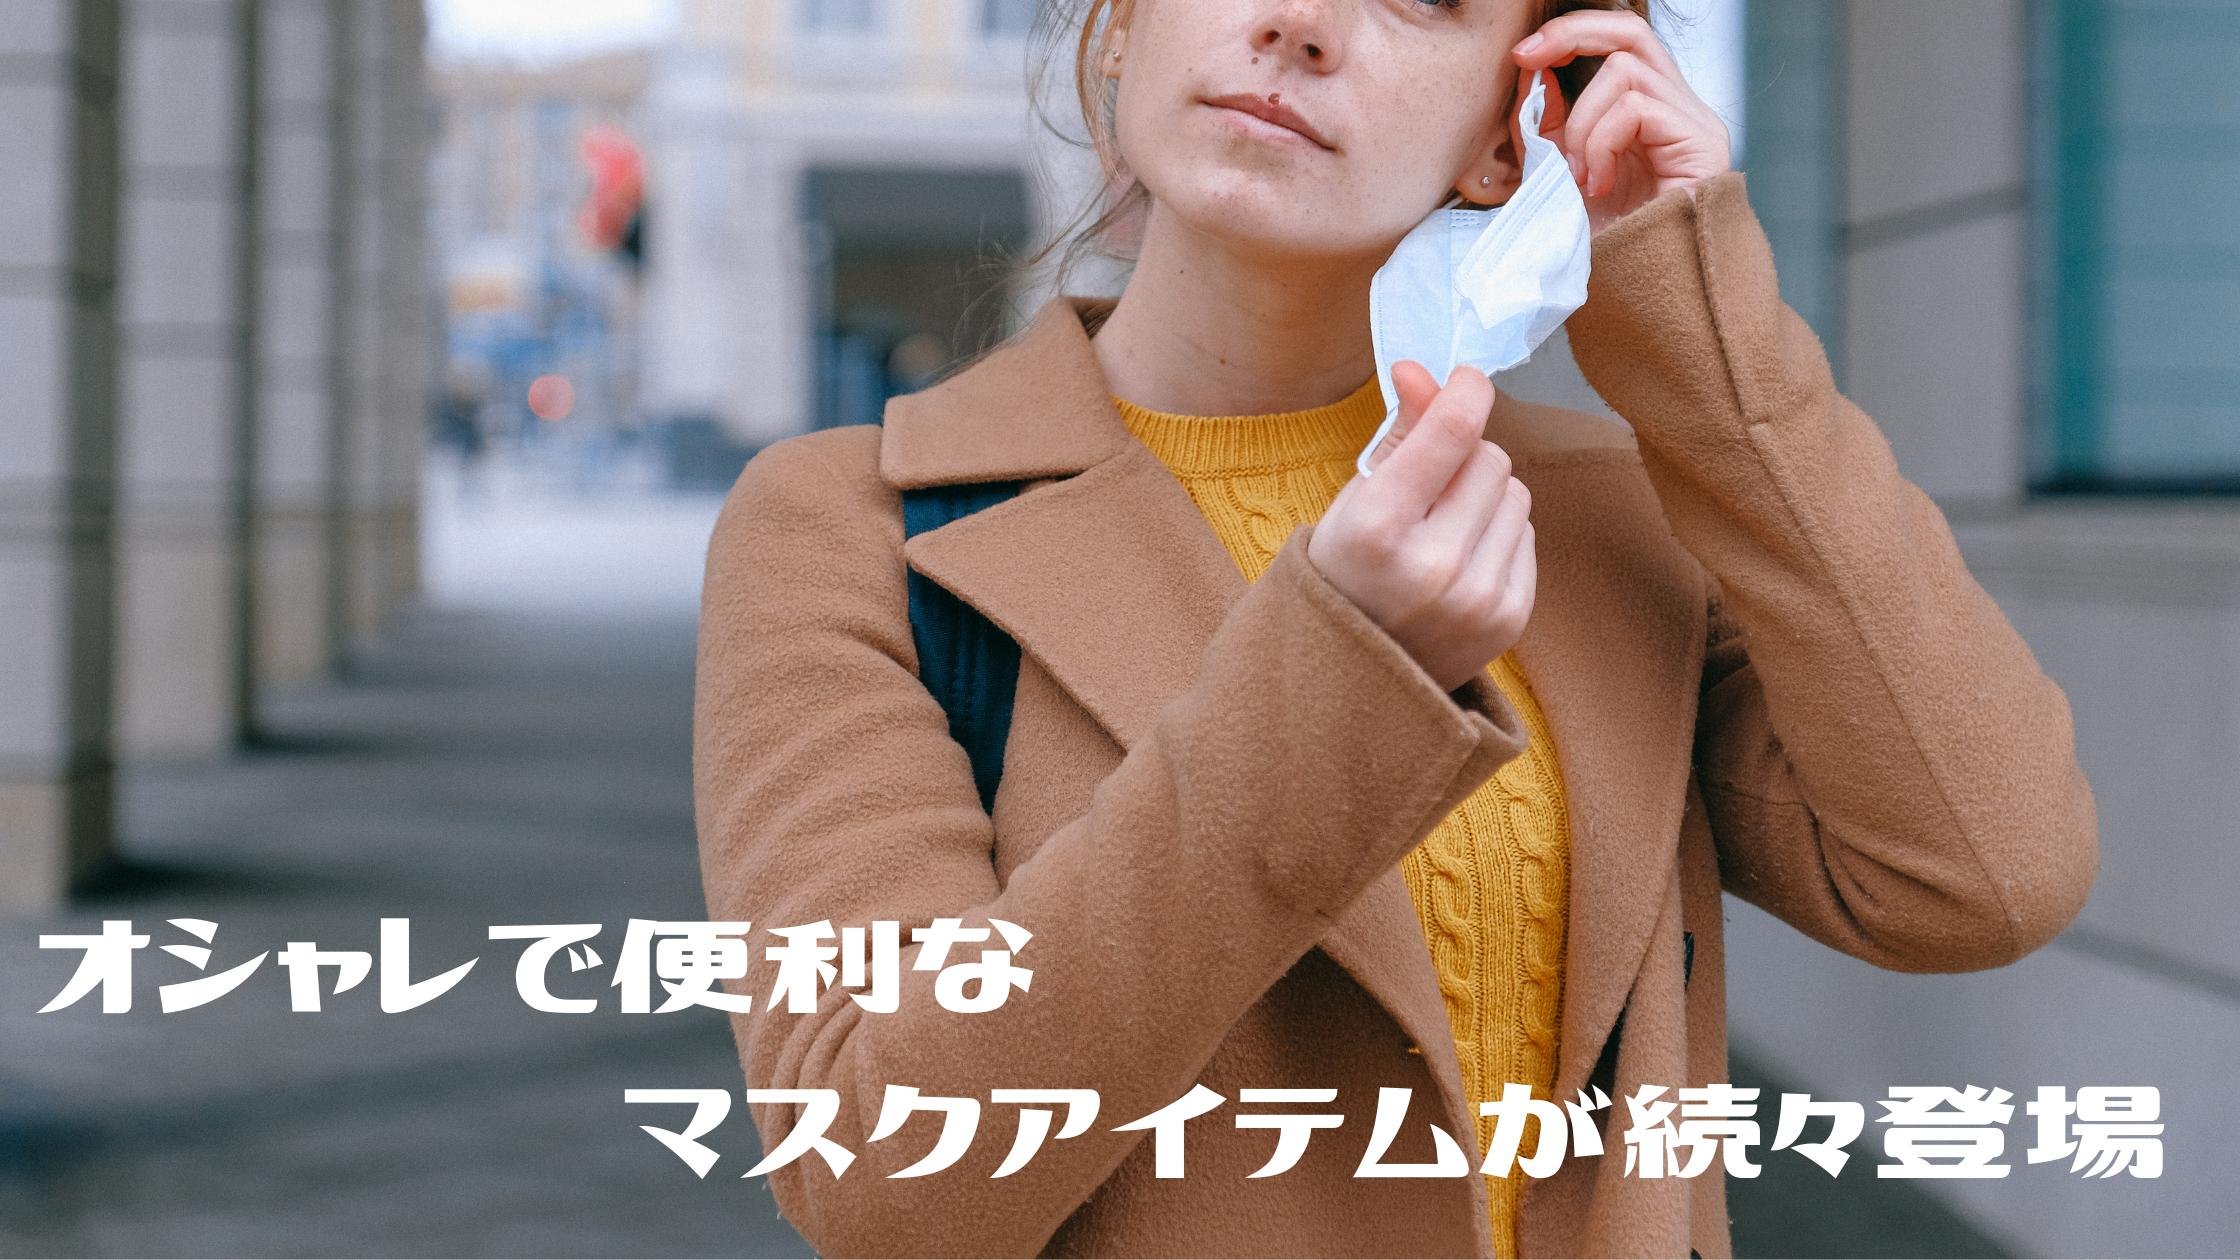 【ZIP】おしゃれで便利なマスクアイテム『レースマスクカバー』『マスクポーチ』『メガネが曇らない』